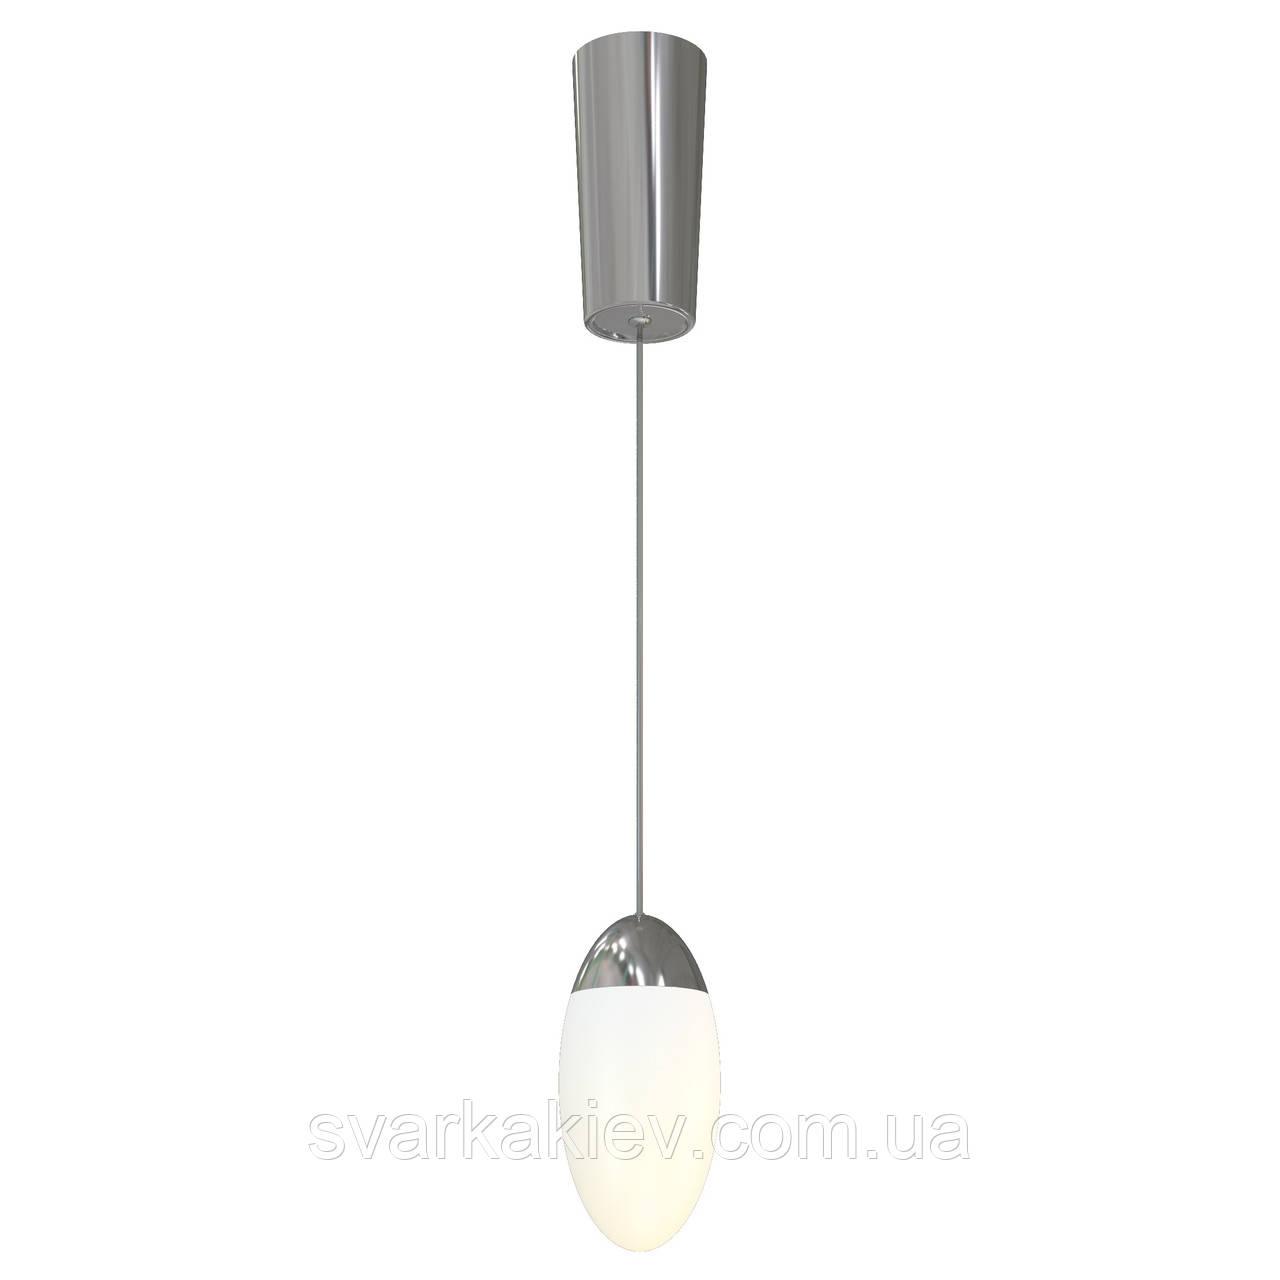 LED подвес Pendant Carpet 3W